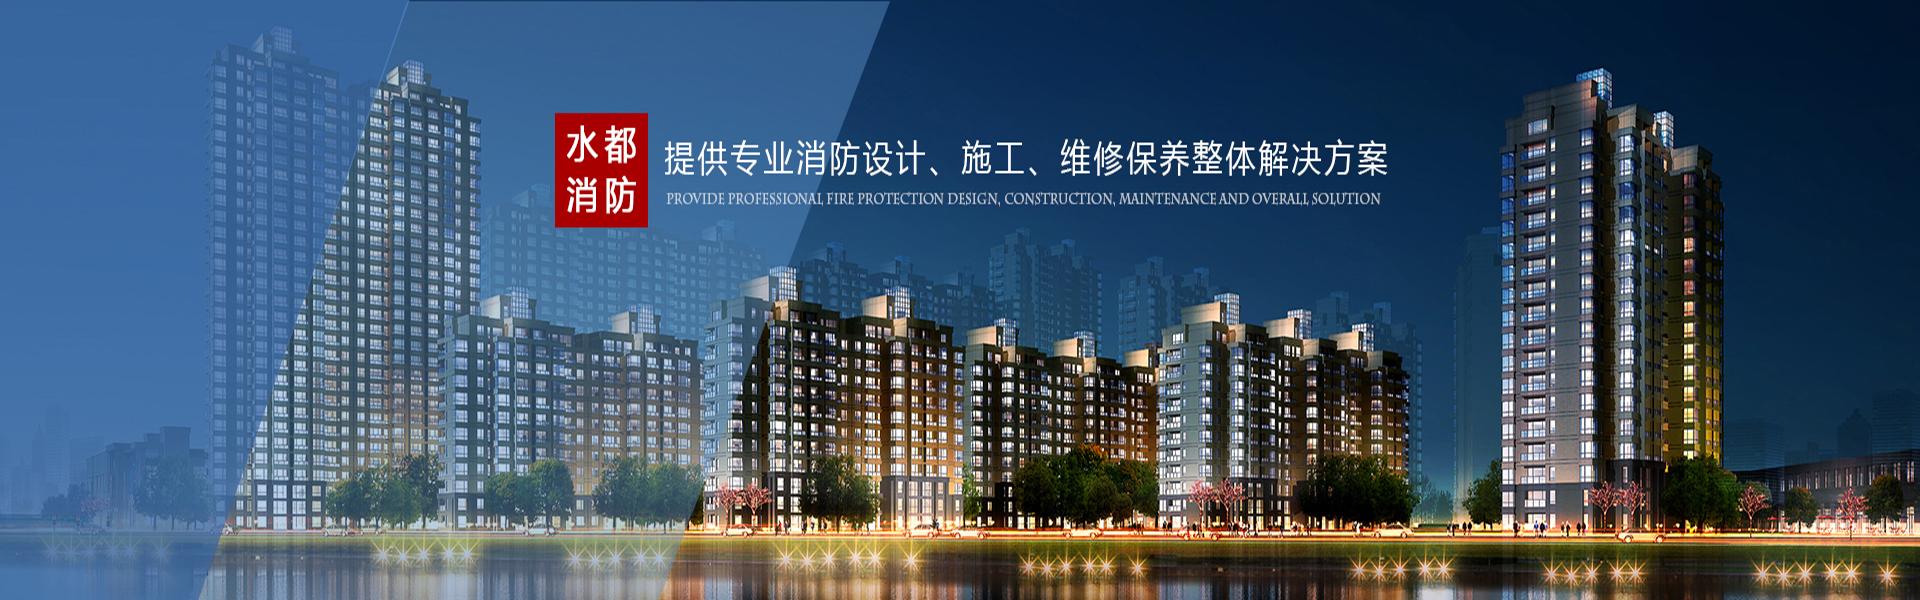 惠州消防工程